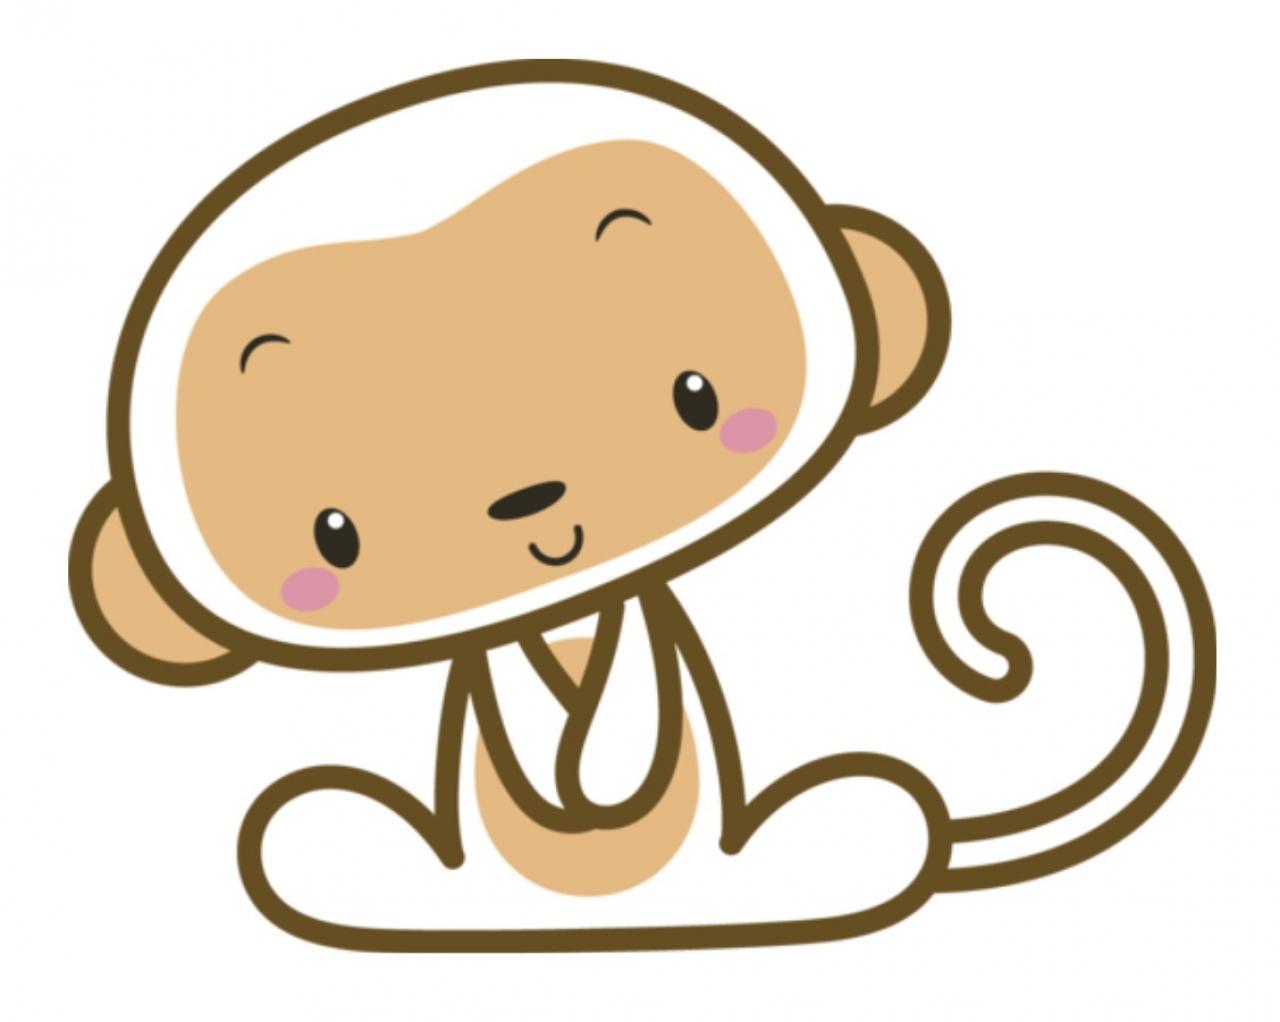 White Monkey Mascot